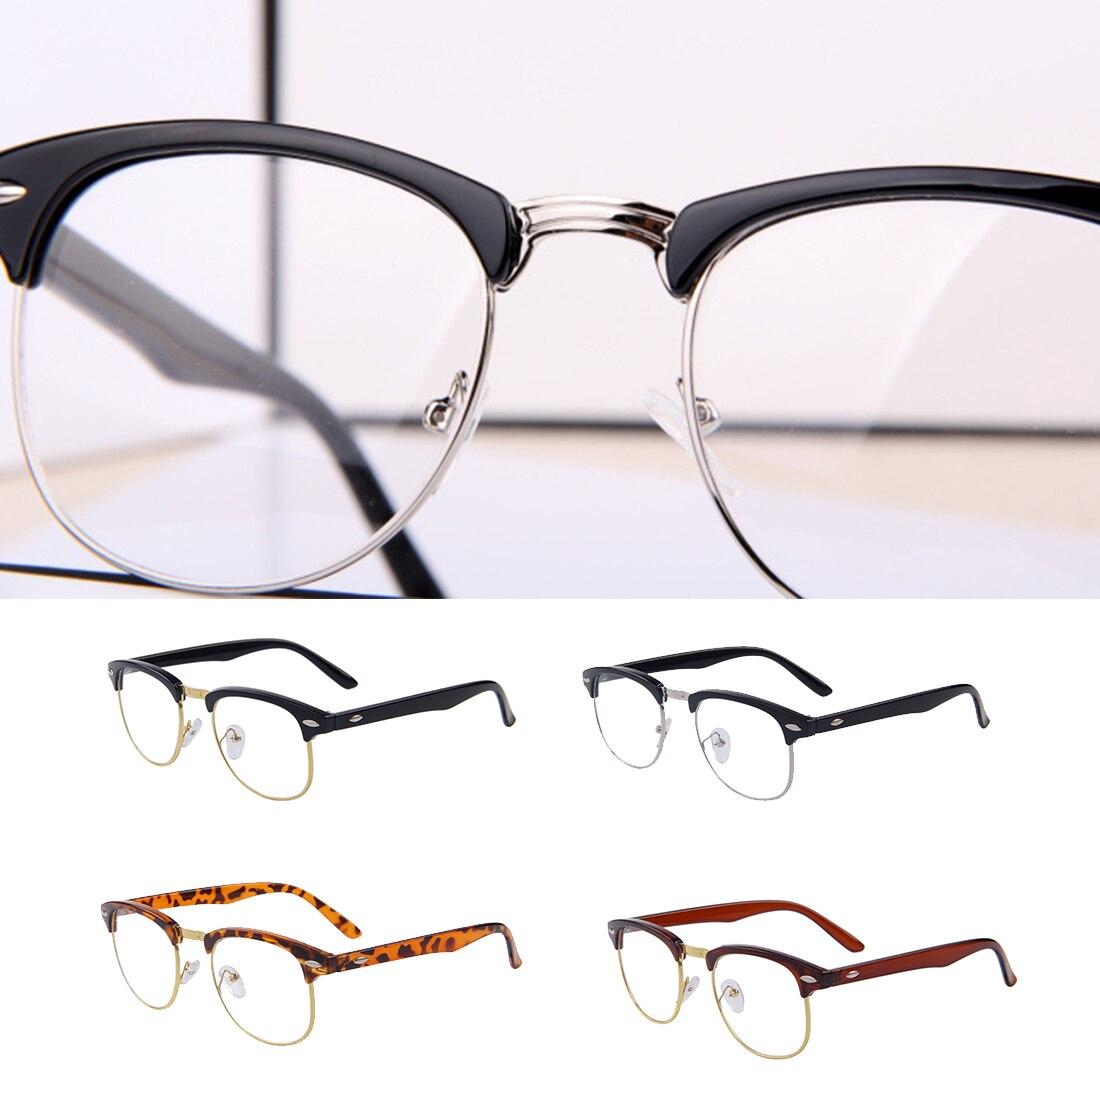 819f4a9cfd 1 Pc clásico Retro lente transparente hombres mujeres Metal medio montura  gafas empollón montura gafas ópticas montura lentes transparentes gafas